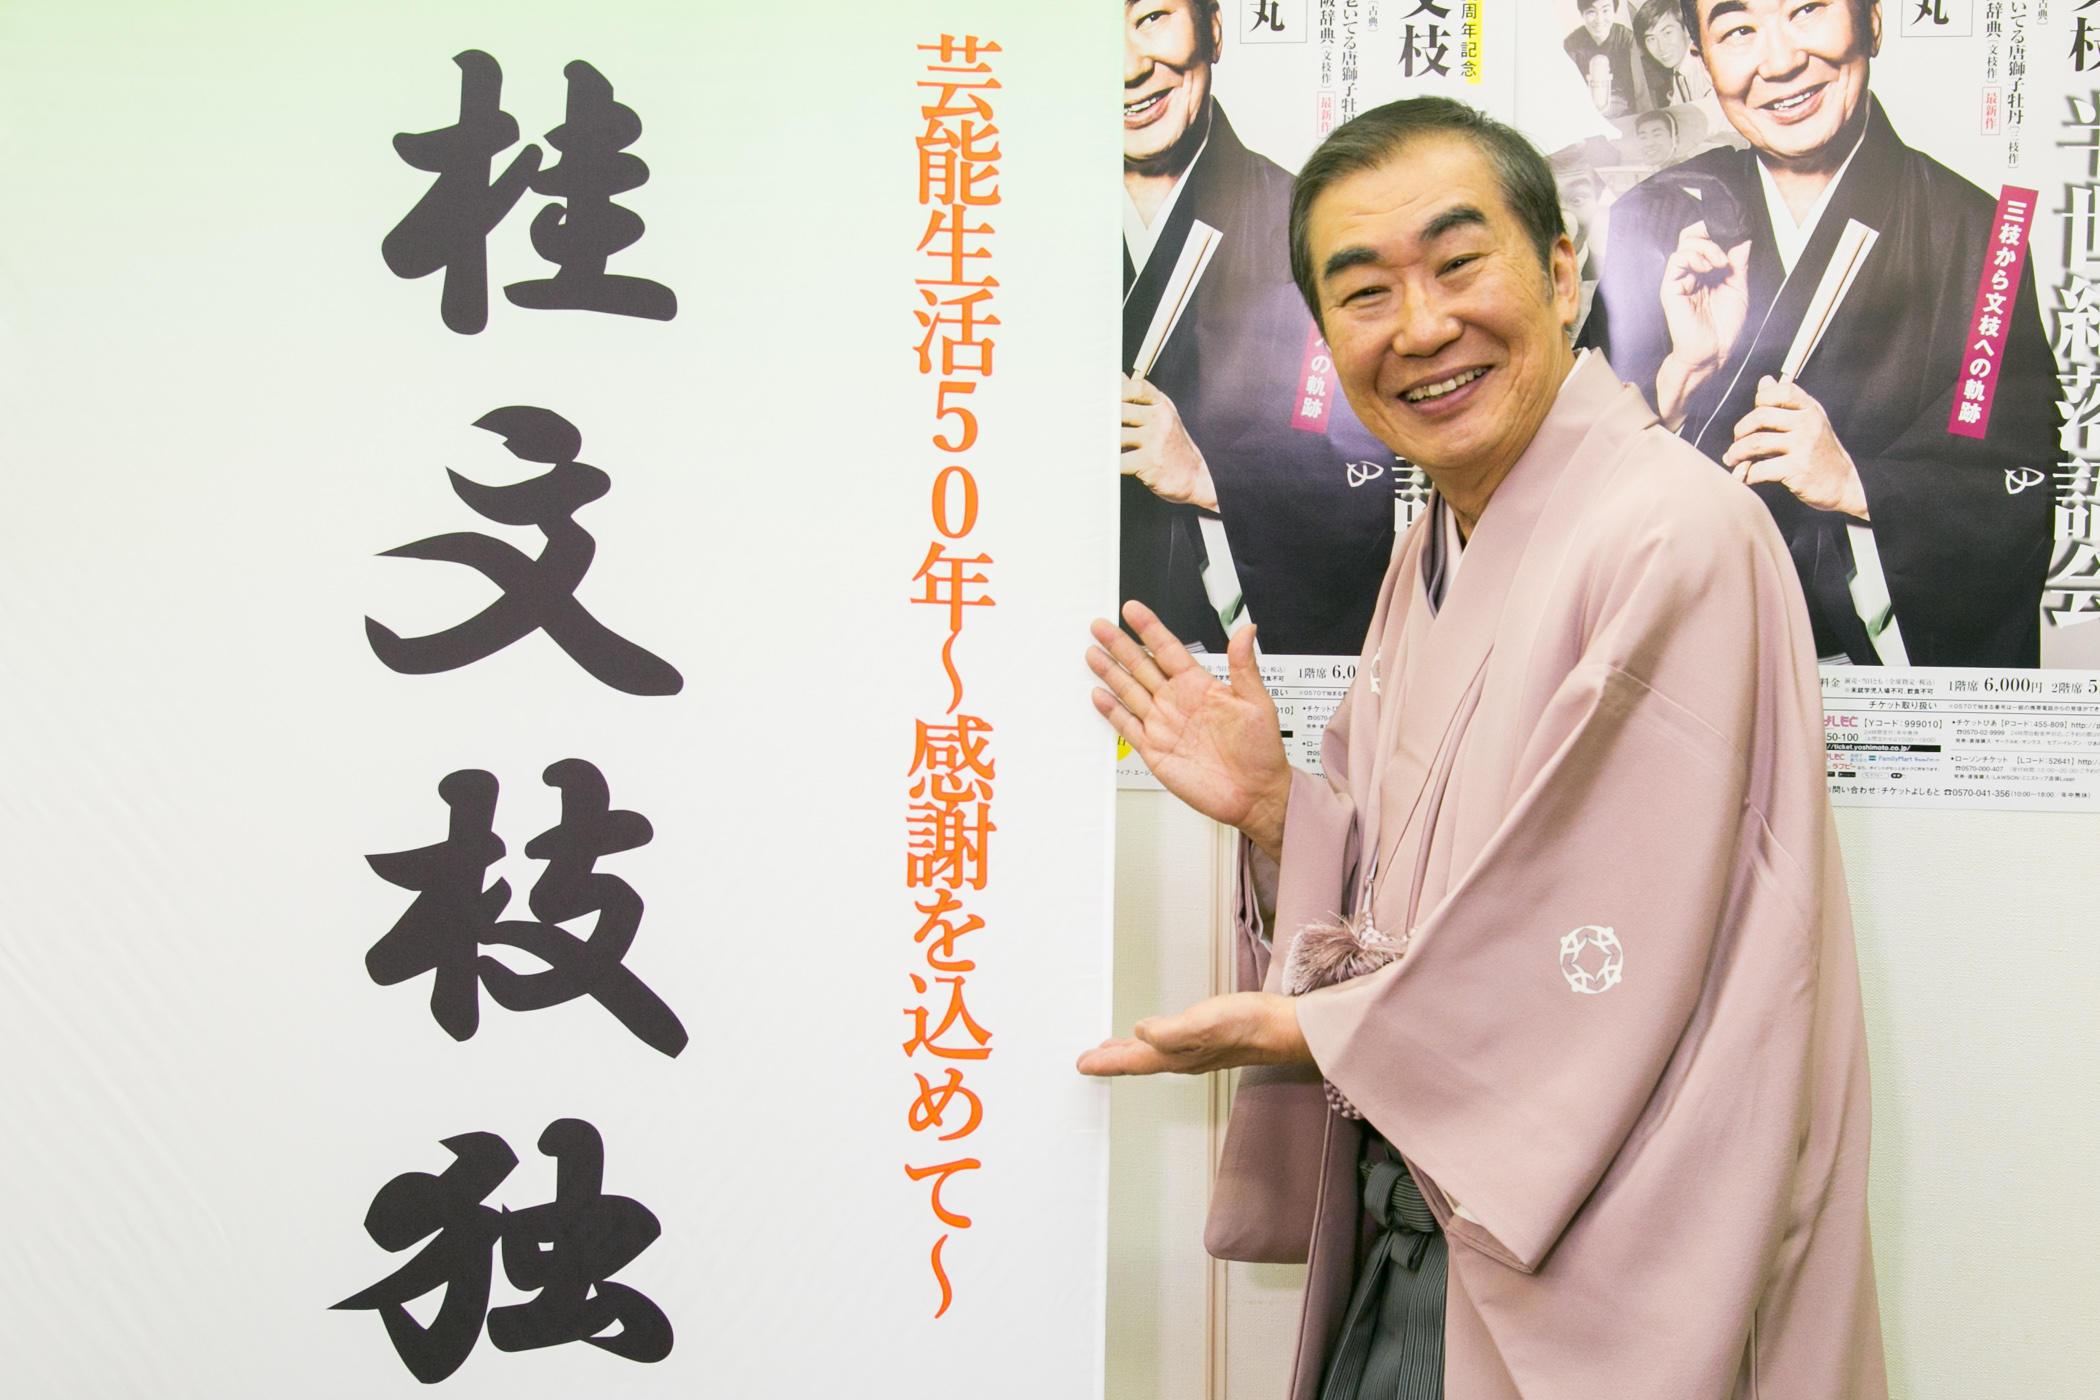 http://news.yoshimoto.co.jp/20170305011819-732e99c5ee4b77399e45f64e3544bb02018f7d04.jpg